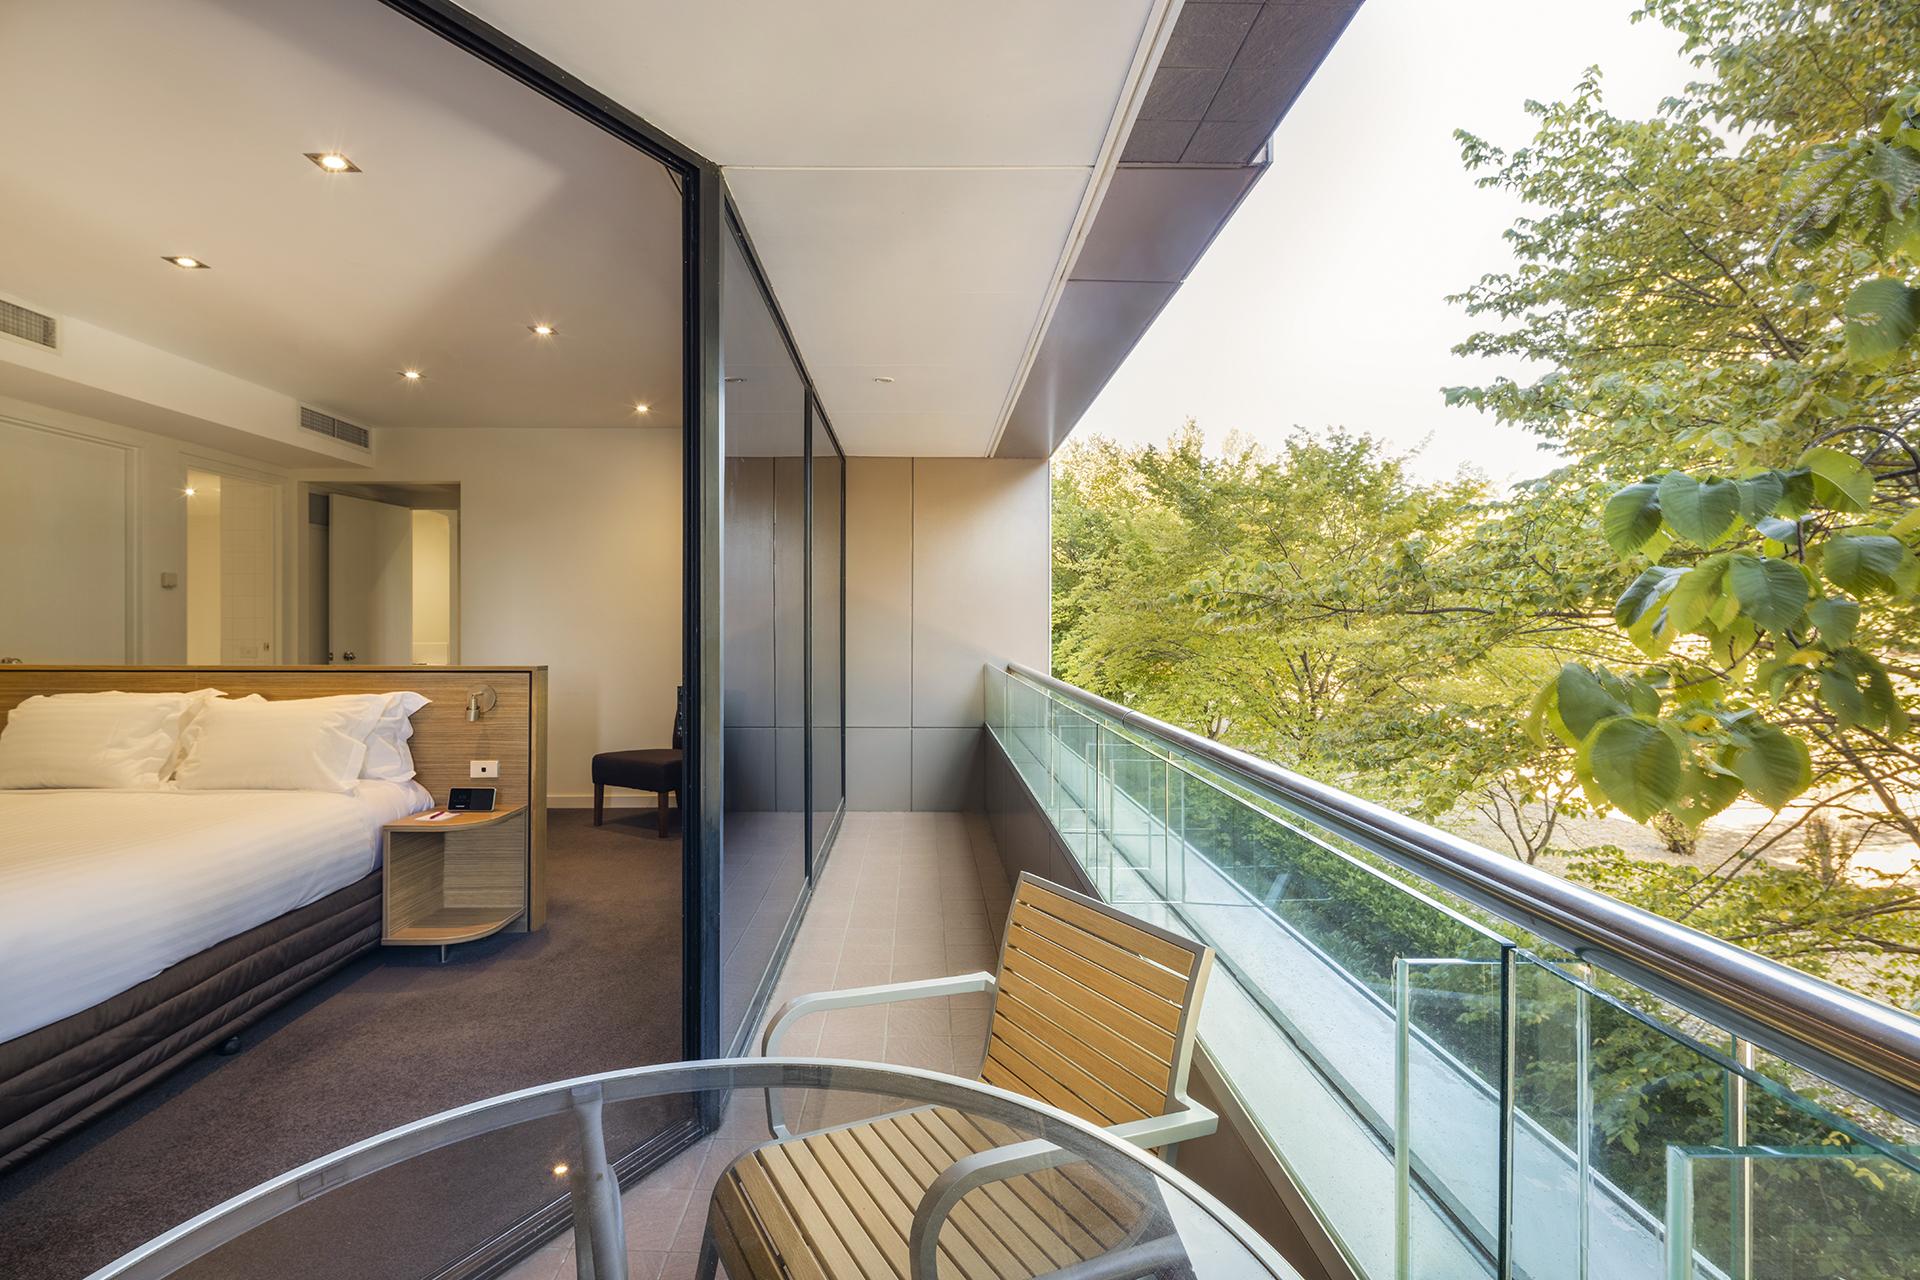 The Deluxe Suite bedroom with balcony overlooking Glebe Park.